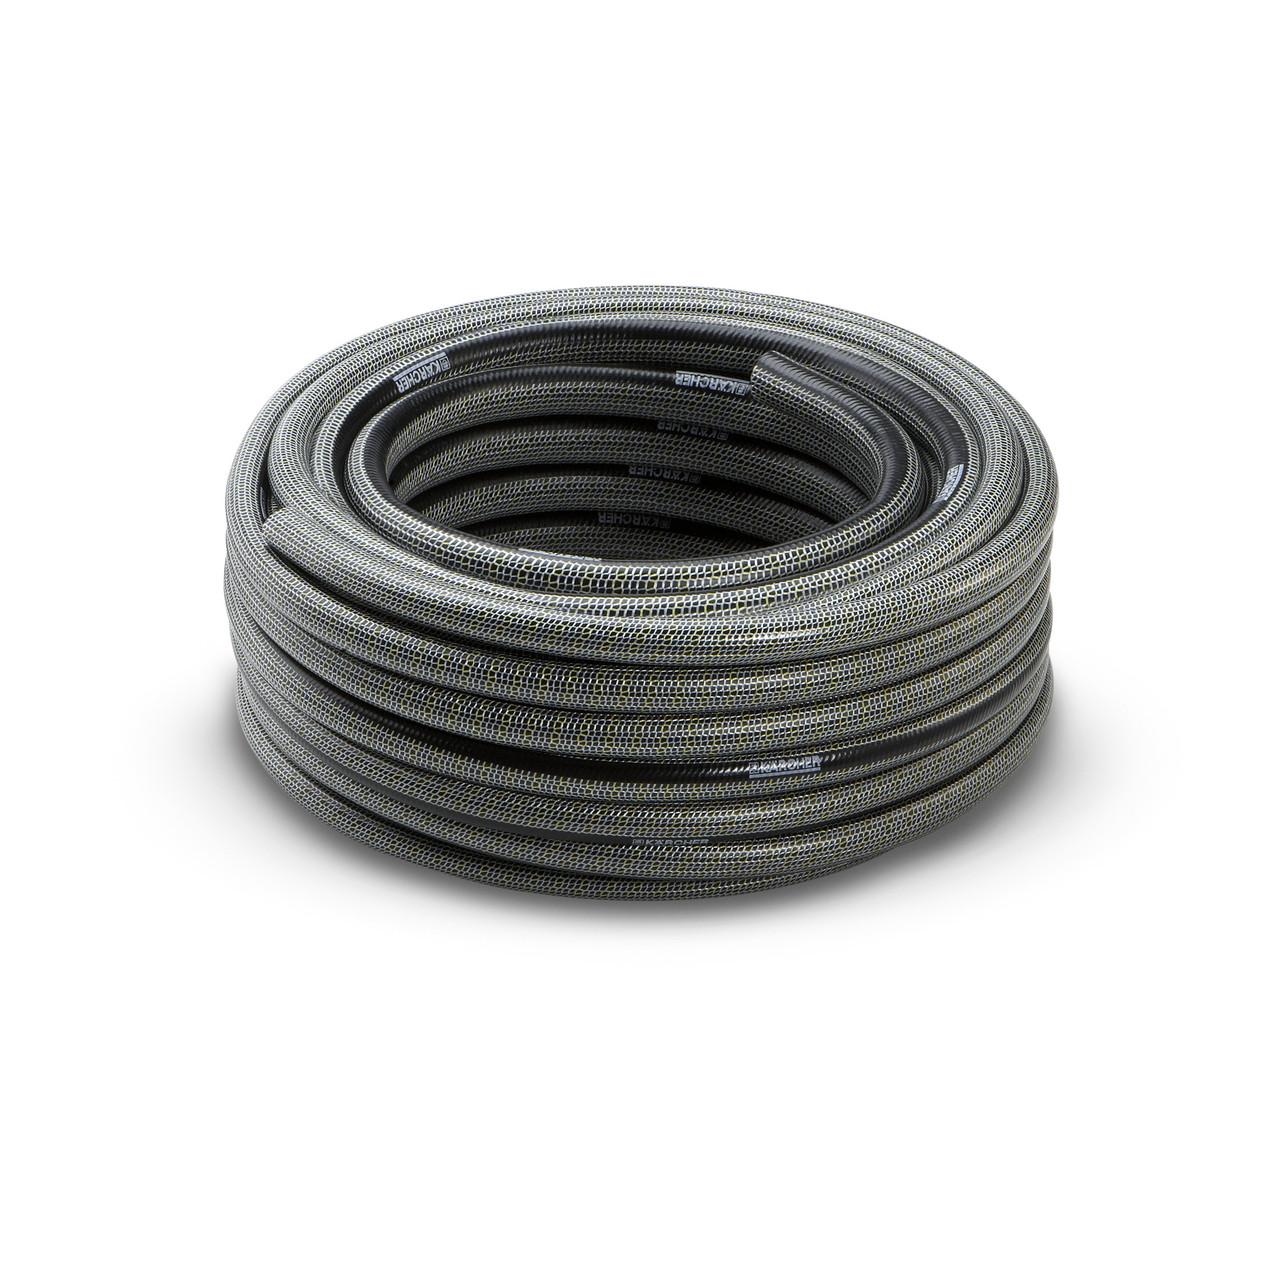 Шланг PriмoFlex preмiuм 1/2 - 20 м